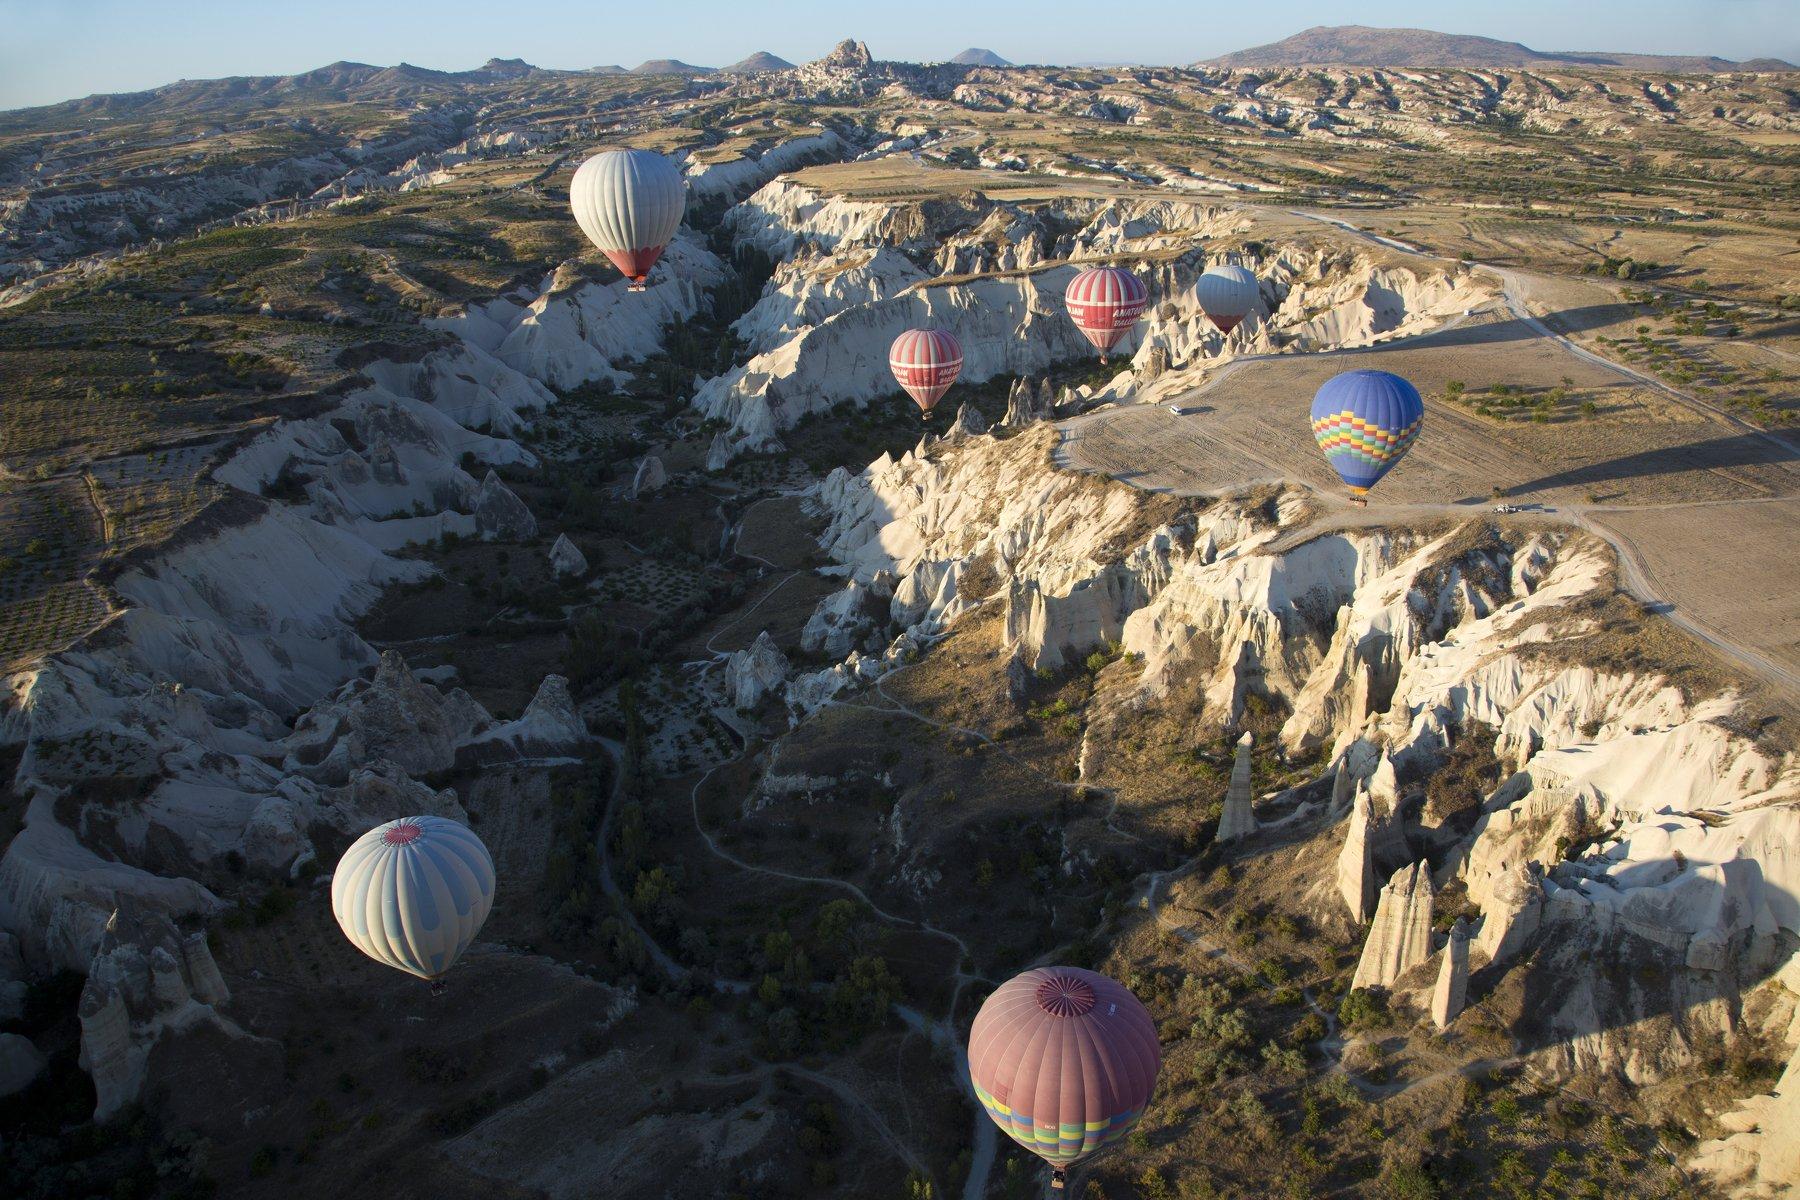 полёт, путешествие, ландшафт, шар,земля,landscape, flight,travel, earth,fly,balloon,, Грачёв Олег